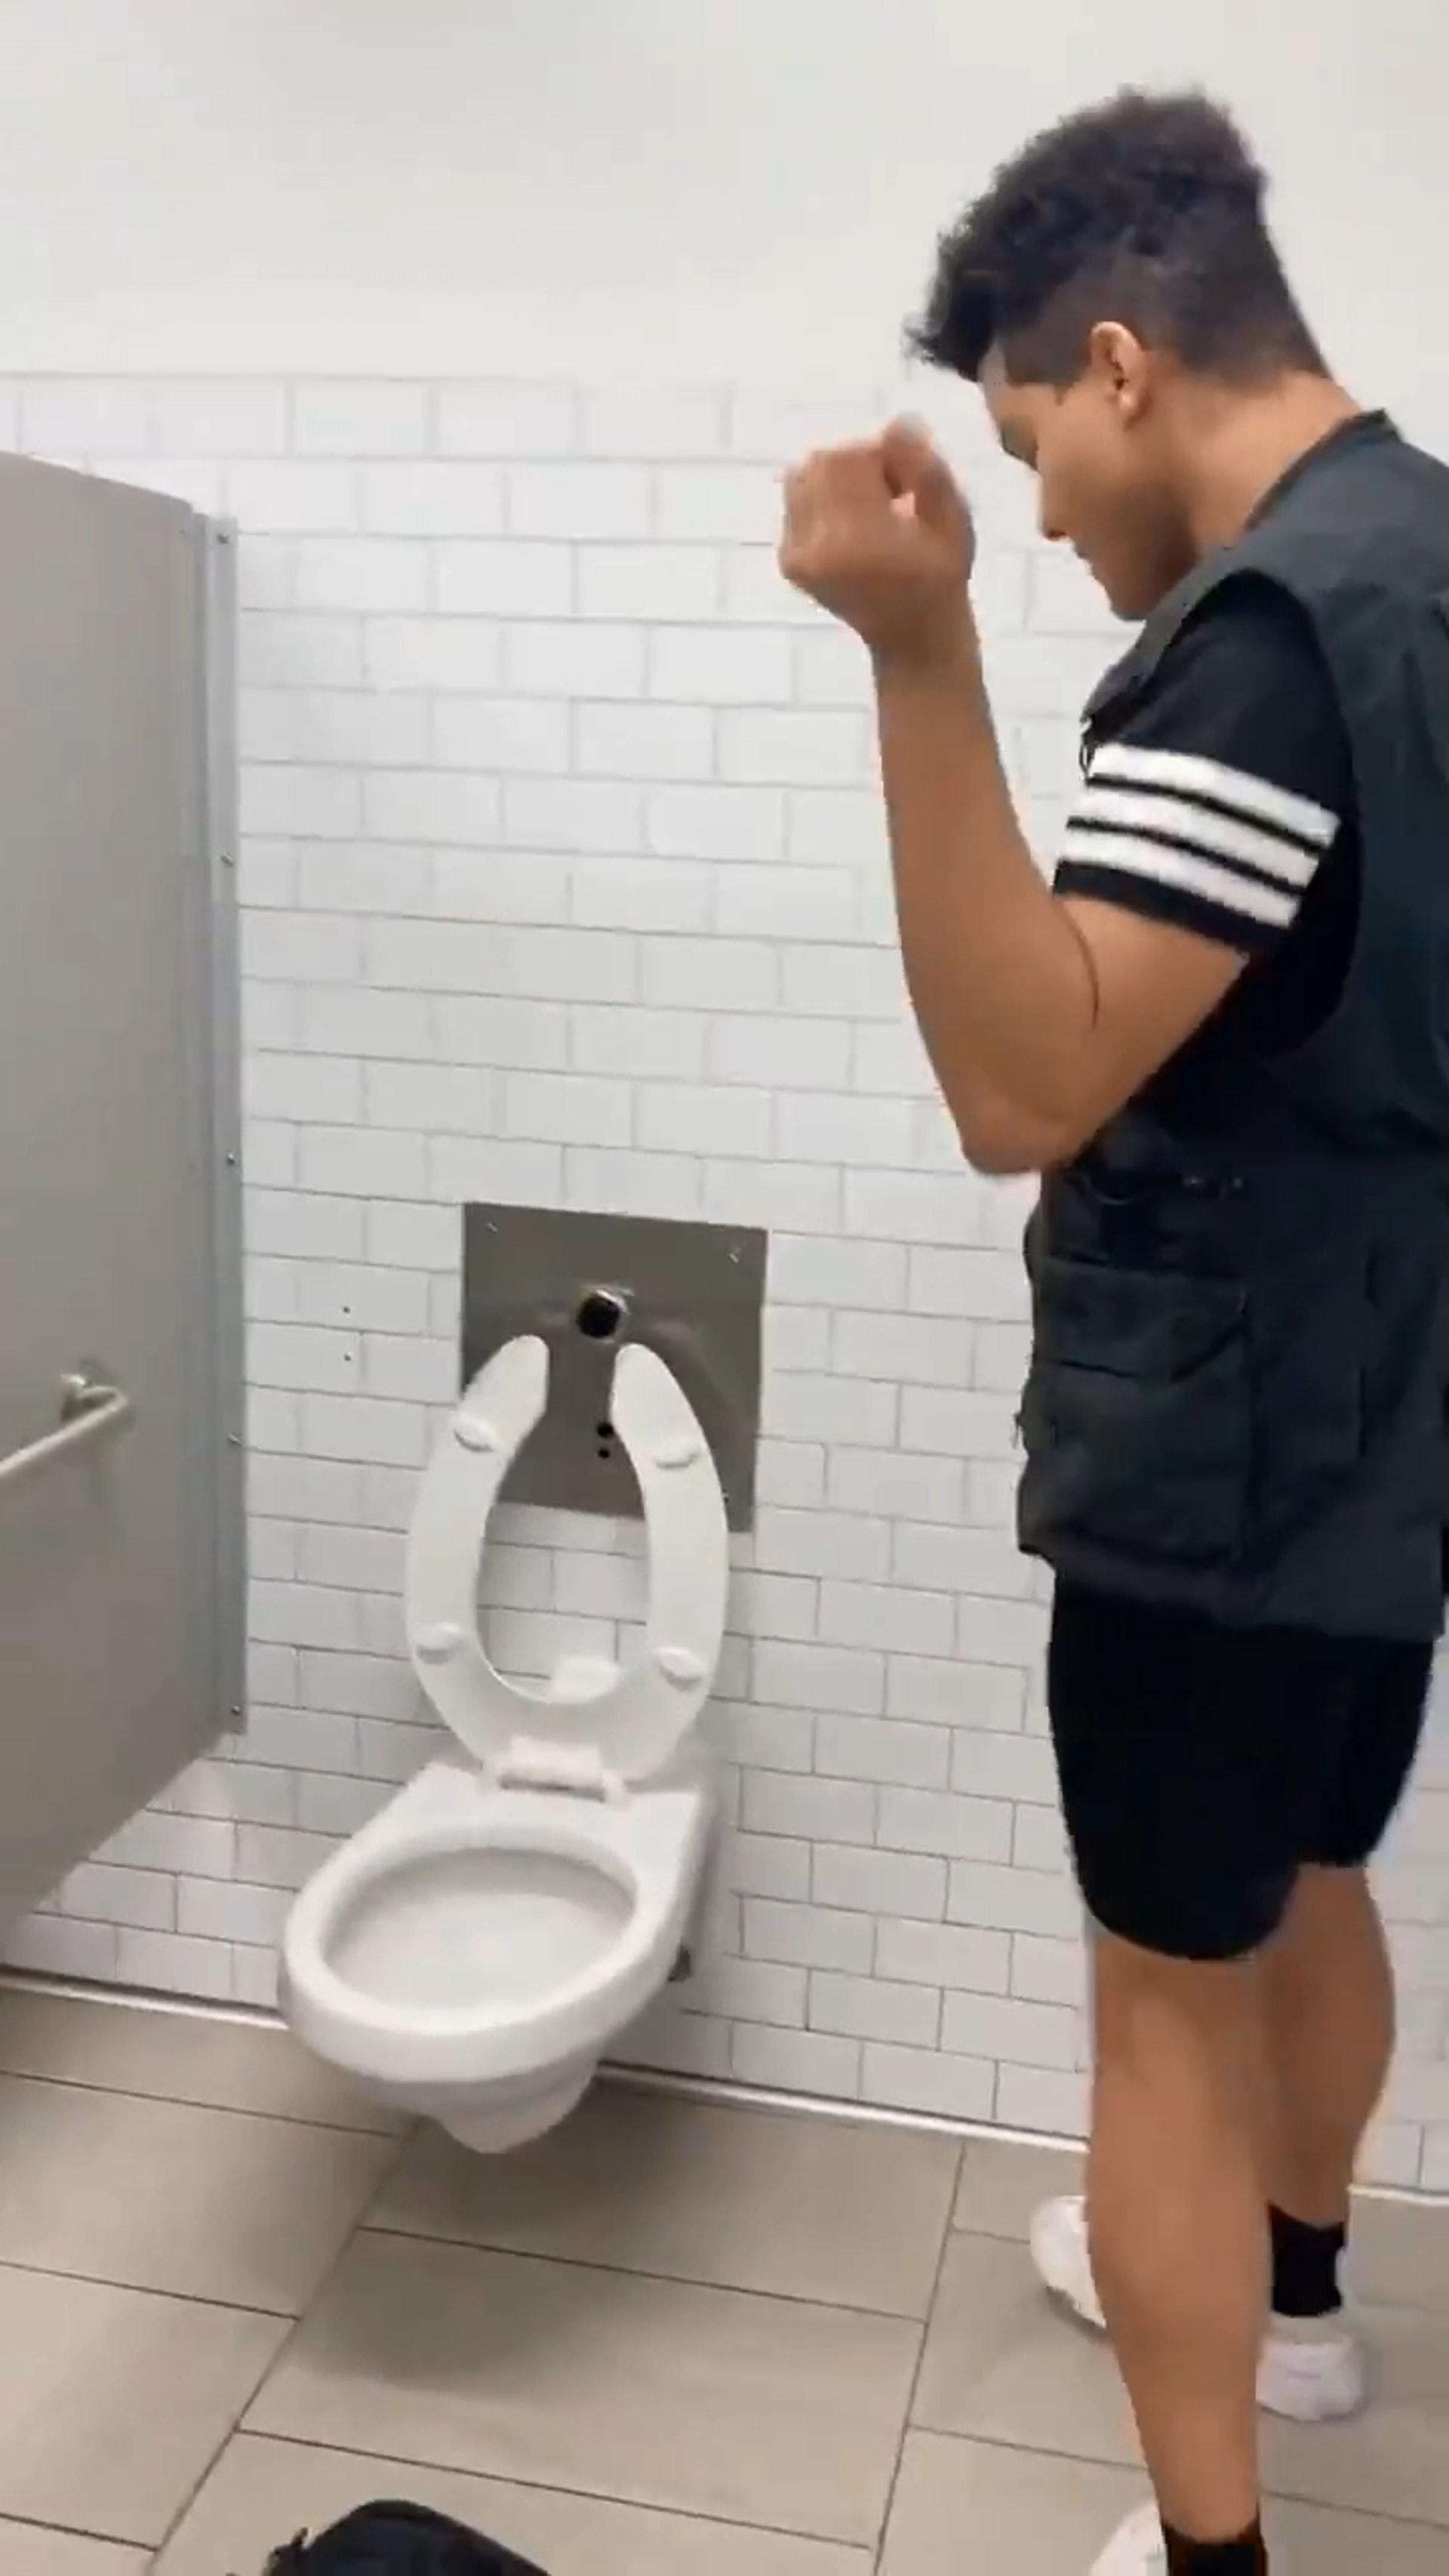 安安 你還好嗎?YouTuber接受「舔廁挑戰」 如今「下場出爐」…:看吧!挑戰超成功der